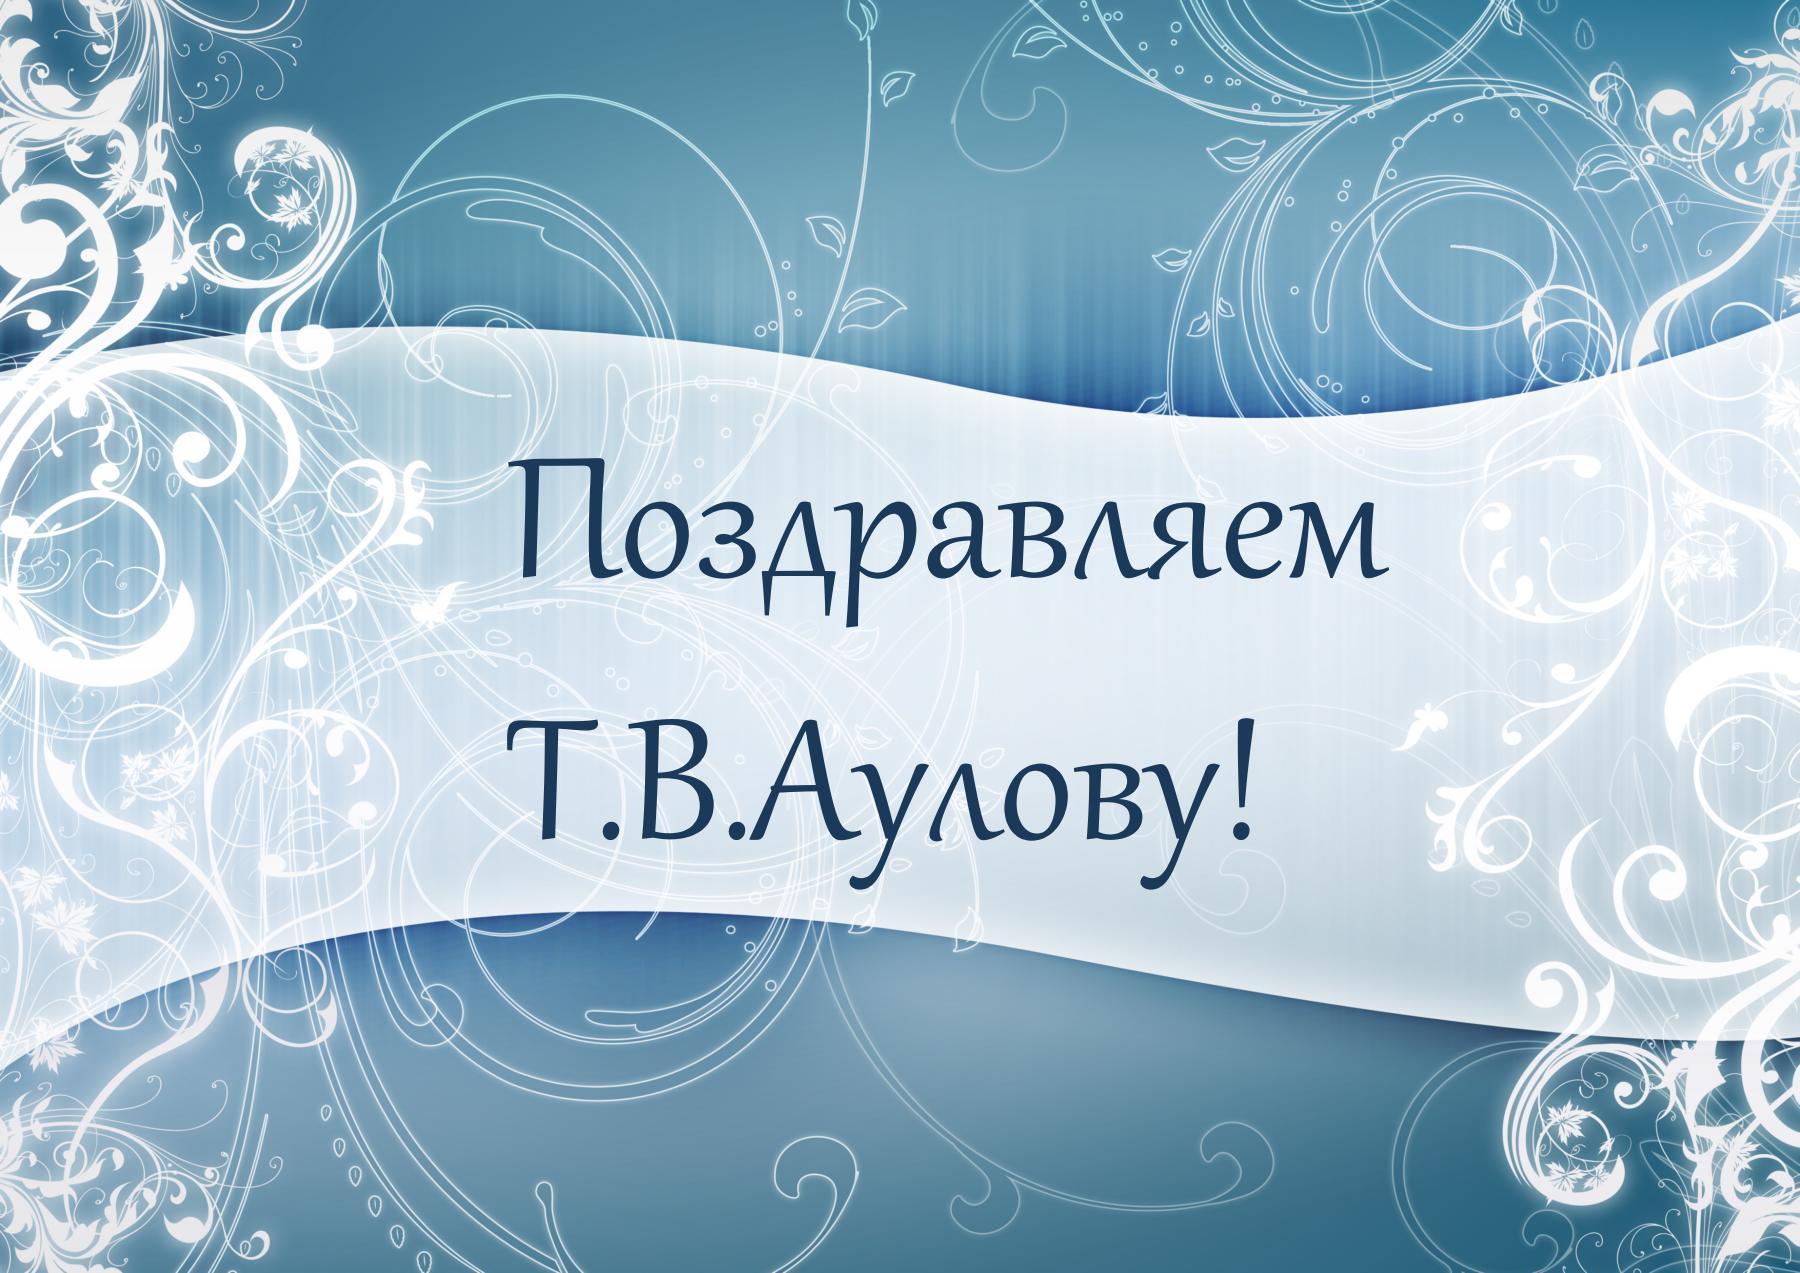 Поздравляем Т.В. Аулову с защитой кандидатской диссертации!